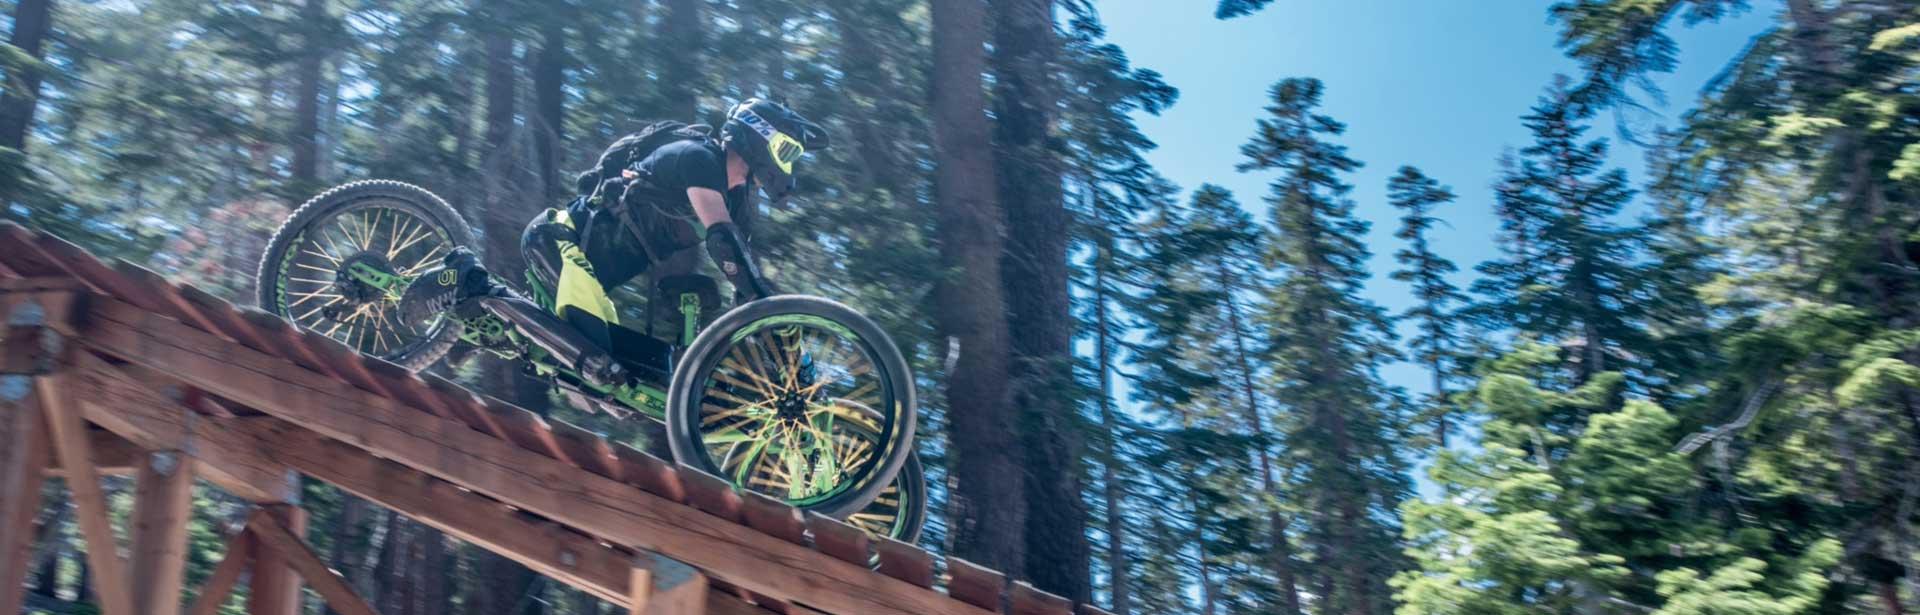 Jeremy McGhee: Adaptive Mountain Biking Pioneer